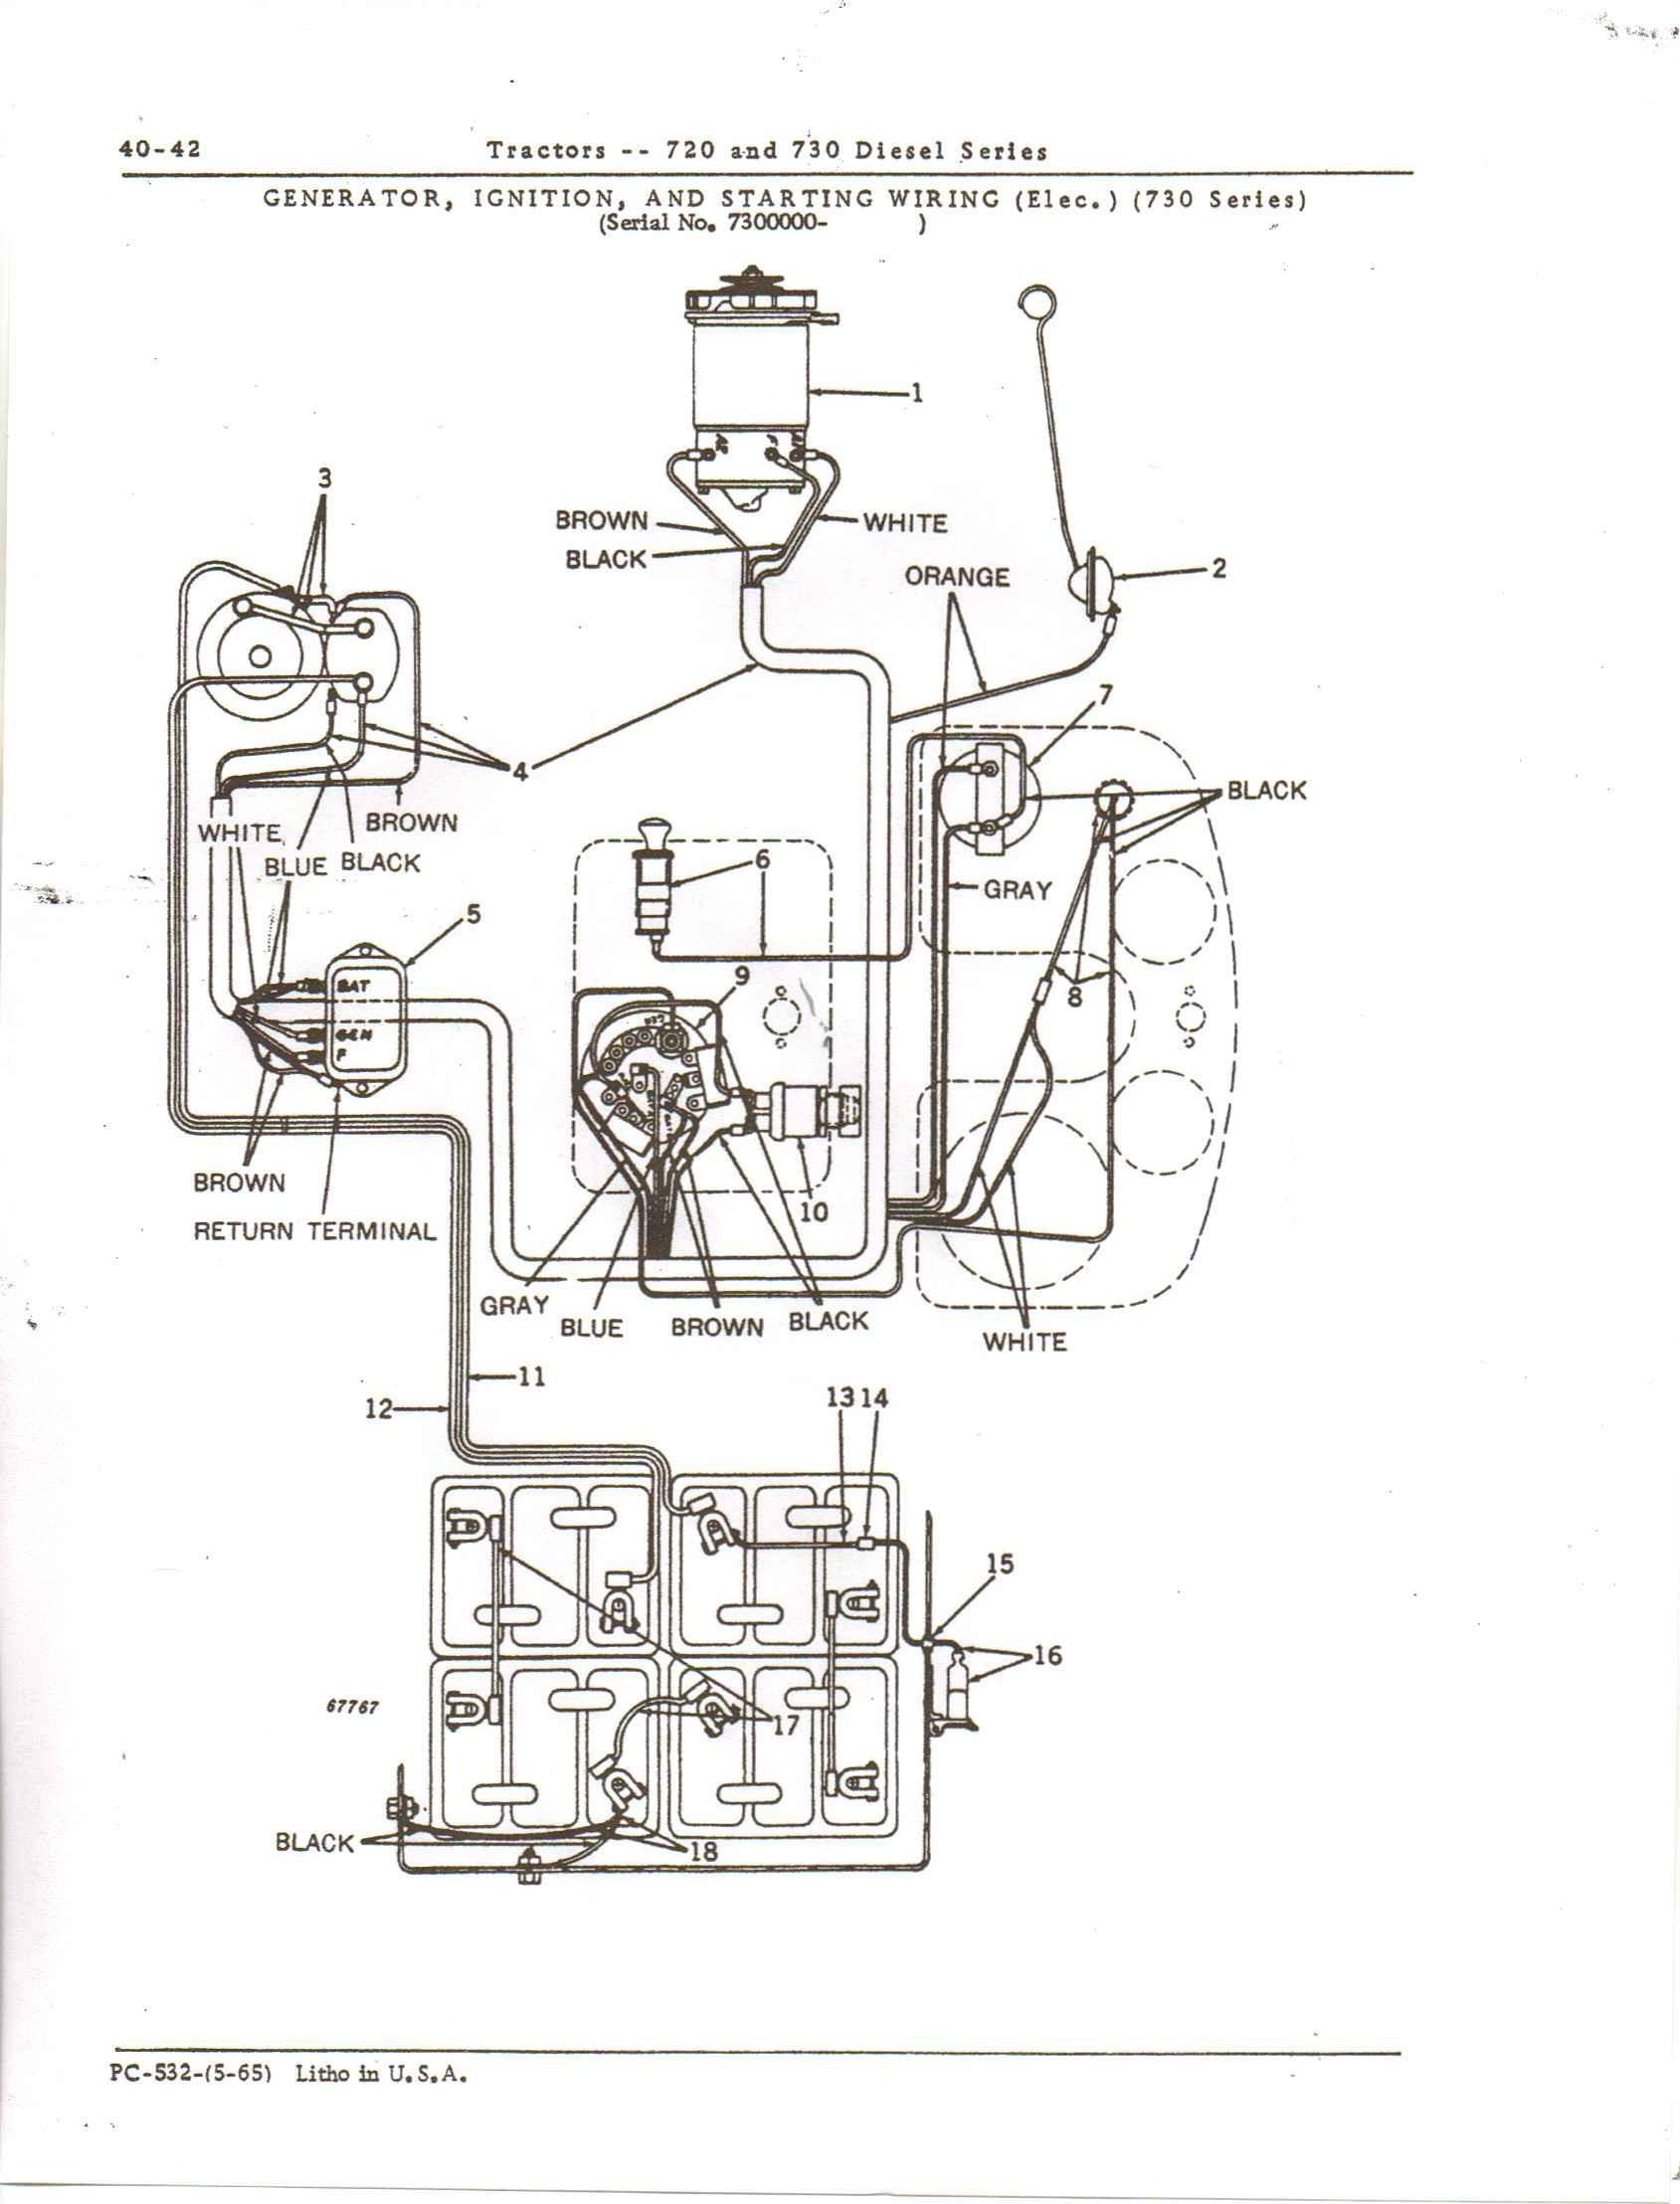 John Deere Wiring Schematics